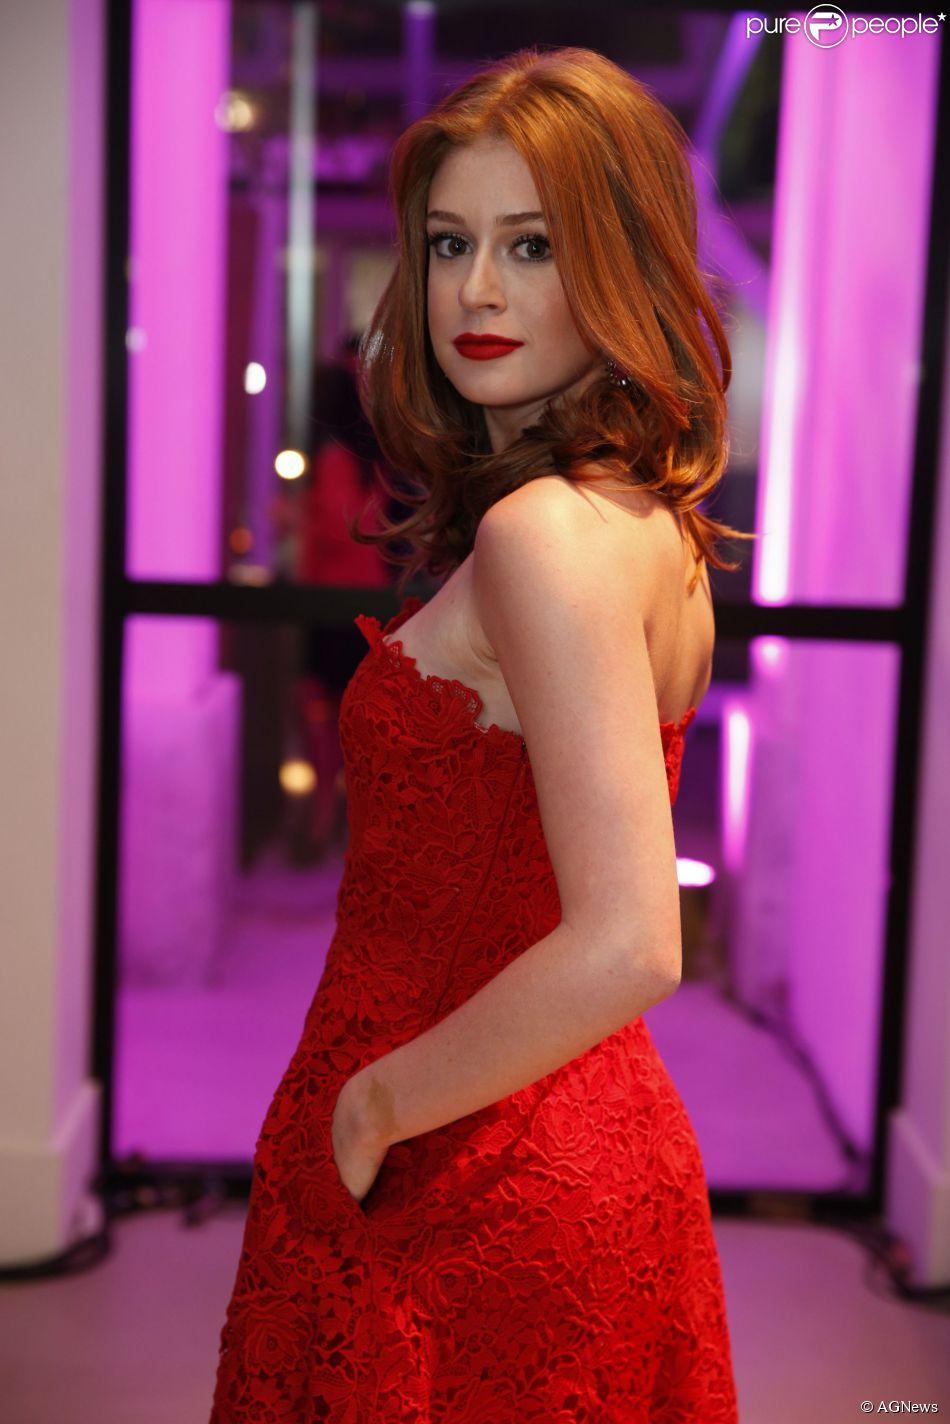 Marina Ruy Barbosa está no ar na novela 'Império' como a ninfeta Maria Isis. Para a atriz, uma oportunidade de mostrar sua sensualidade